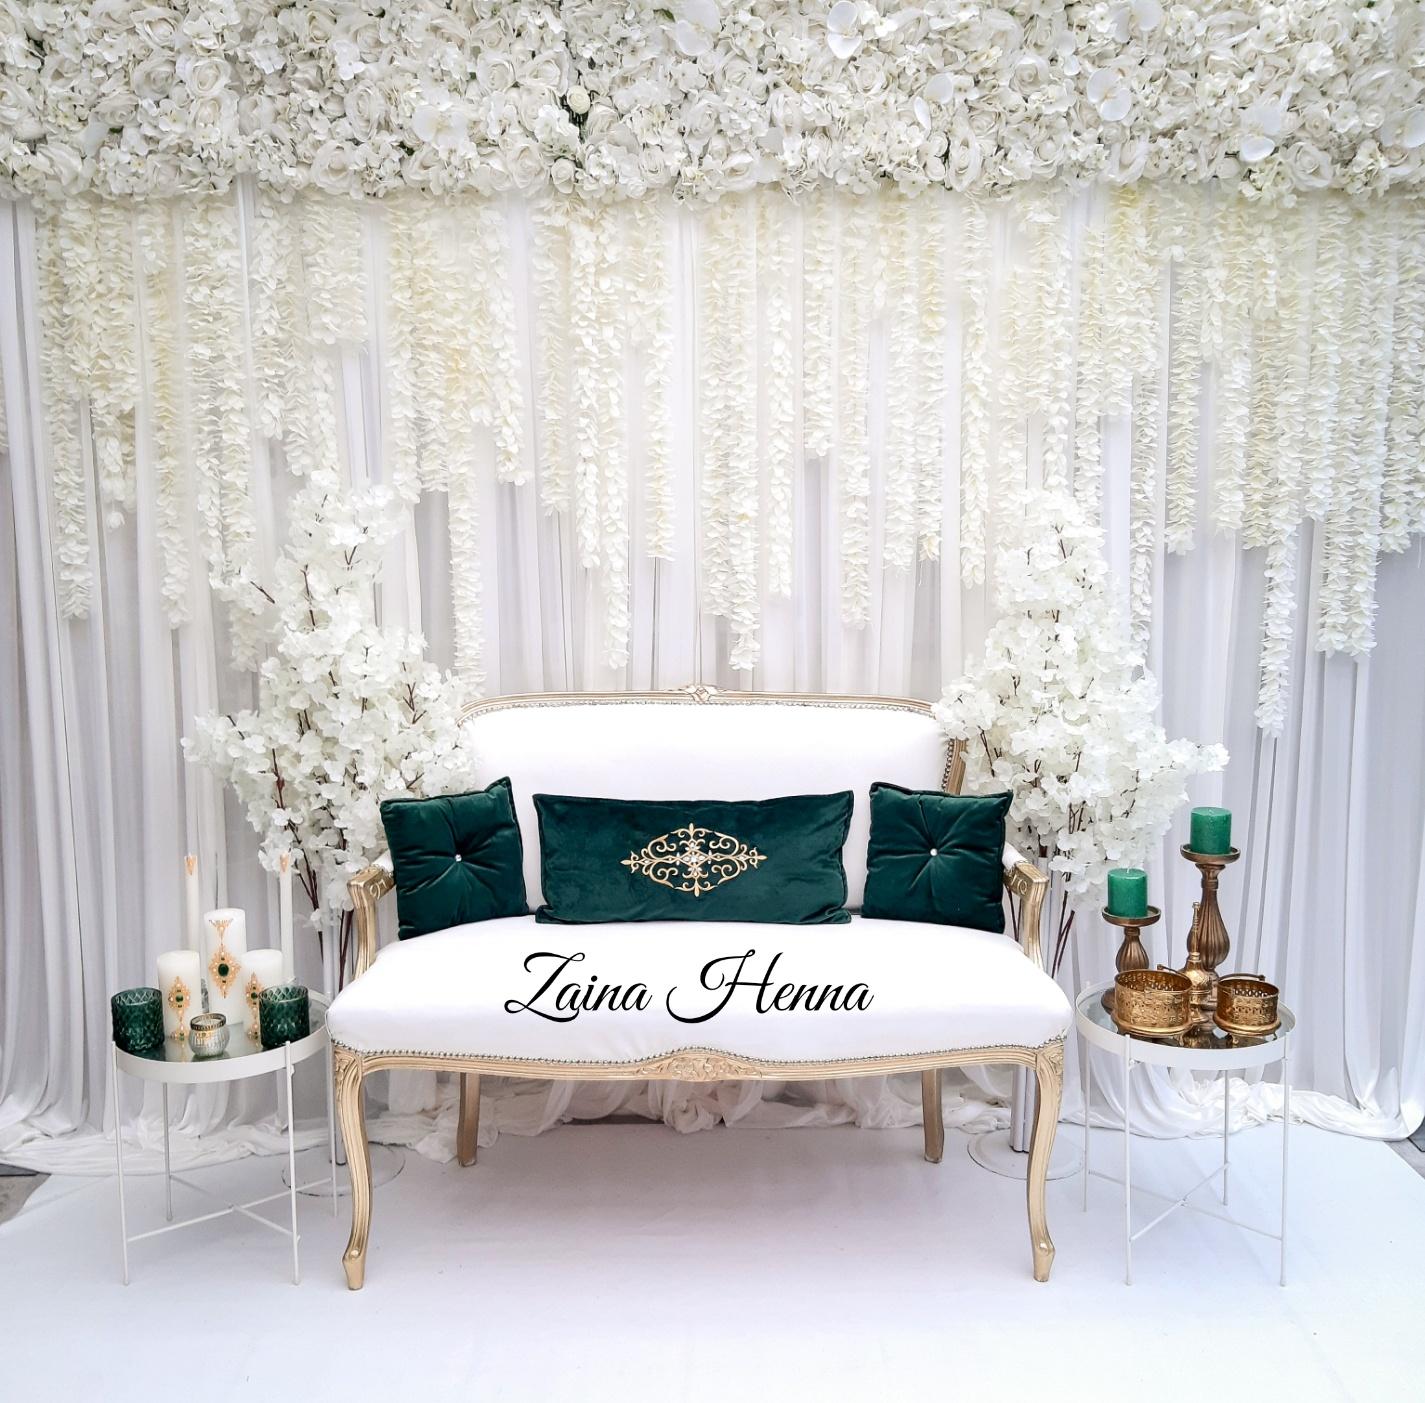 Queen Anne bank met vallende bloemen  (bijzet tafels en accessoires bordeau /goud) €170,-